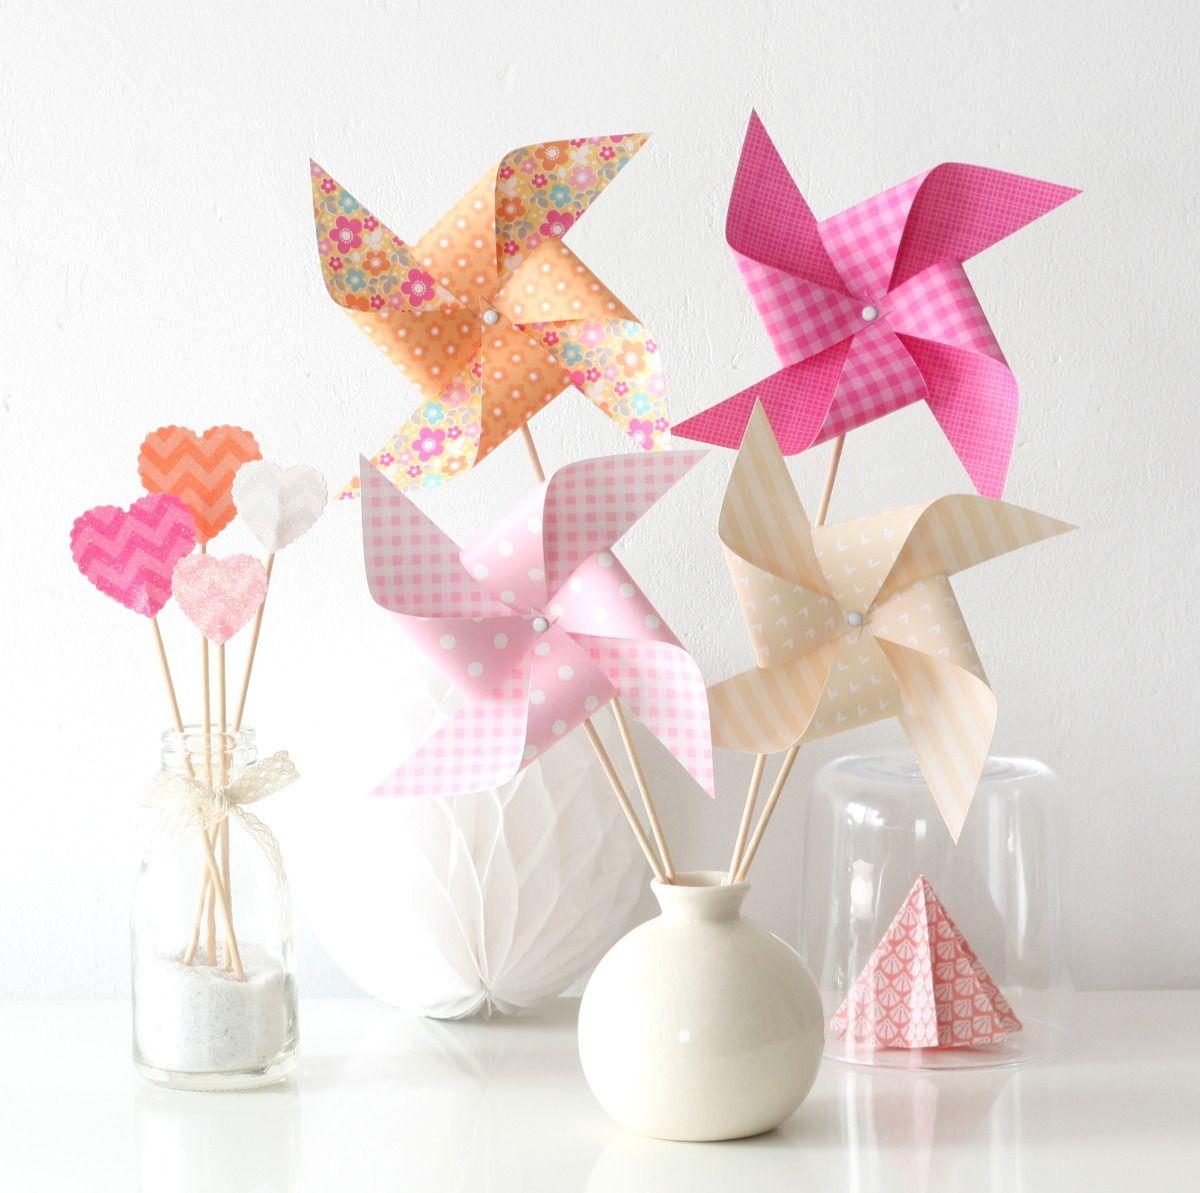 8 moulins vent pour bapt me anniversaire mariage d coration chambre d 39 enfant coloris. Black Bedroom Furniture Sets. Home Design Ideas